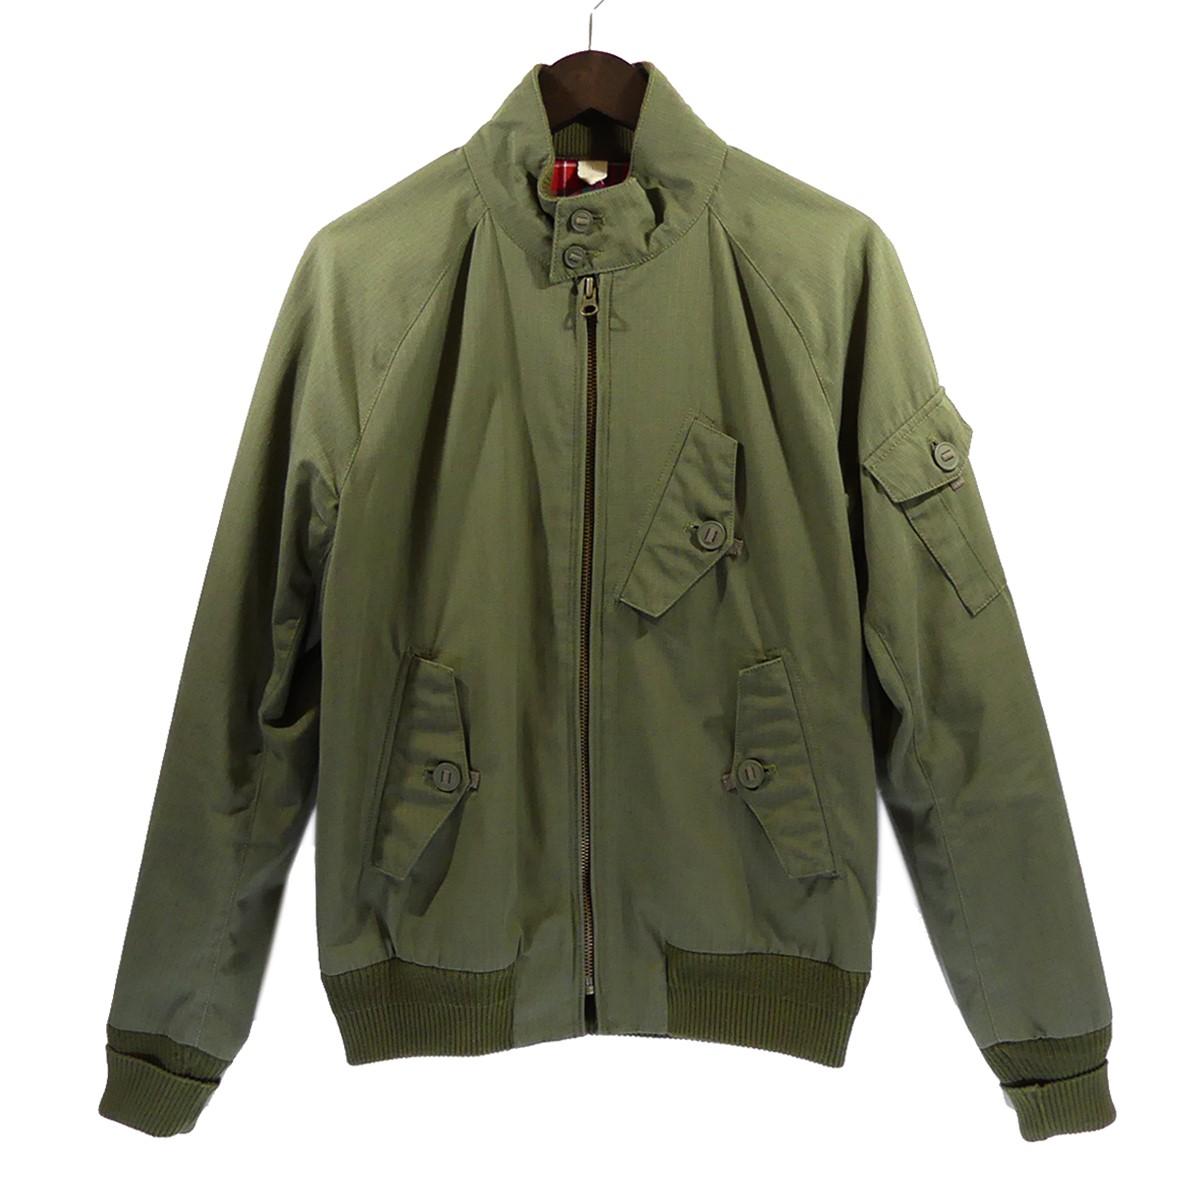 【中古】BARACUTA BLUE LABEL G9 スイングトップジャケット オリーブ サイズ:38 【140520】(バラクータ)